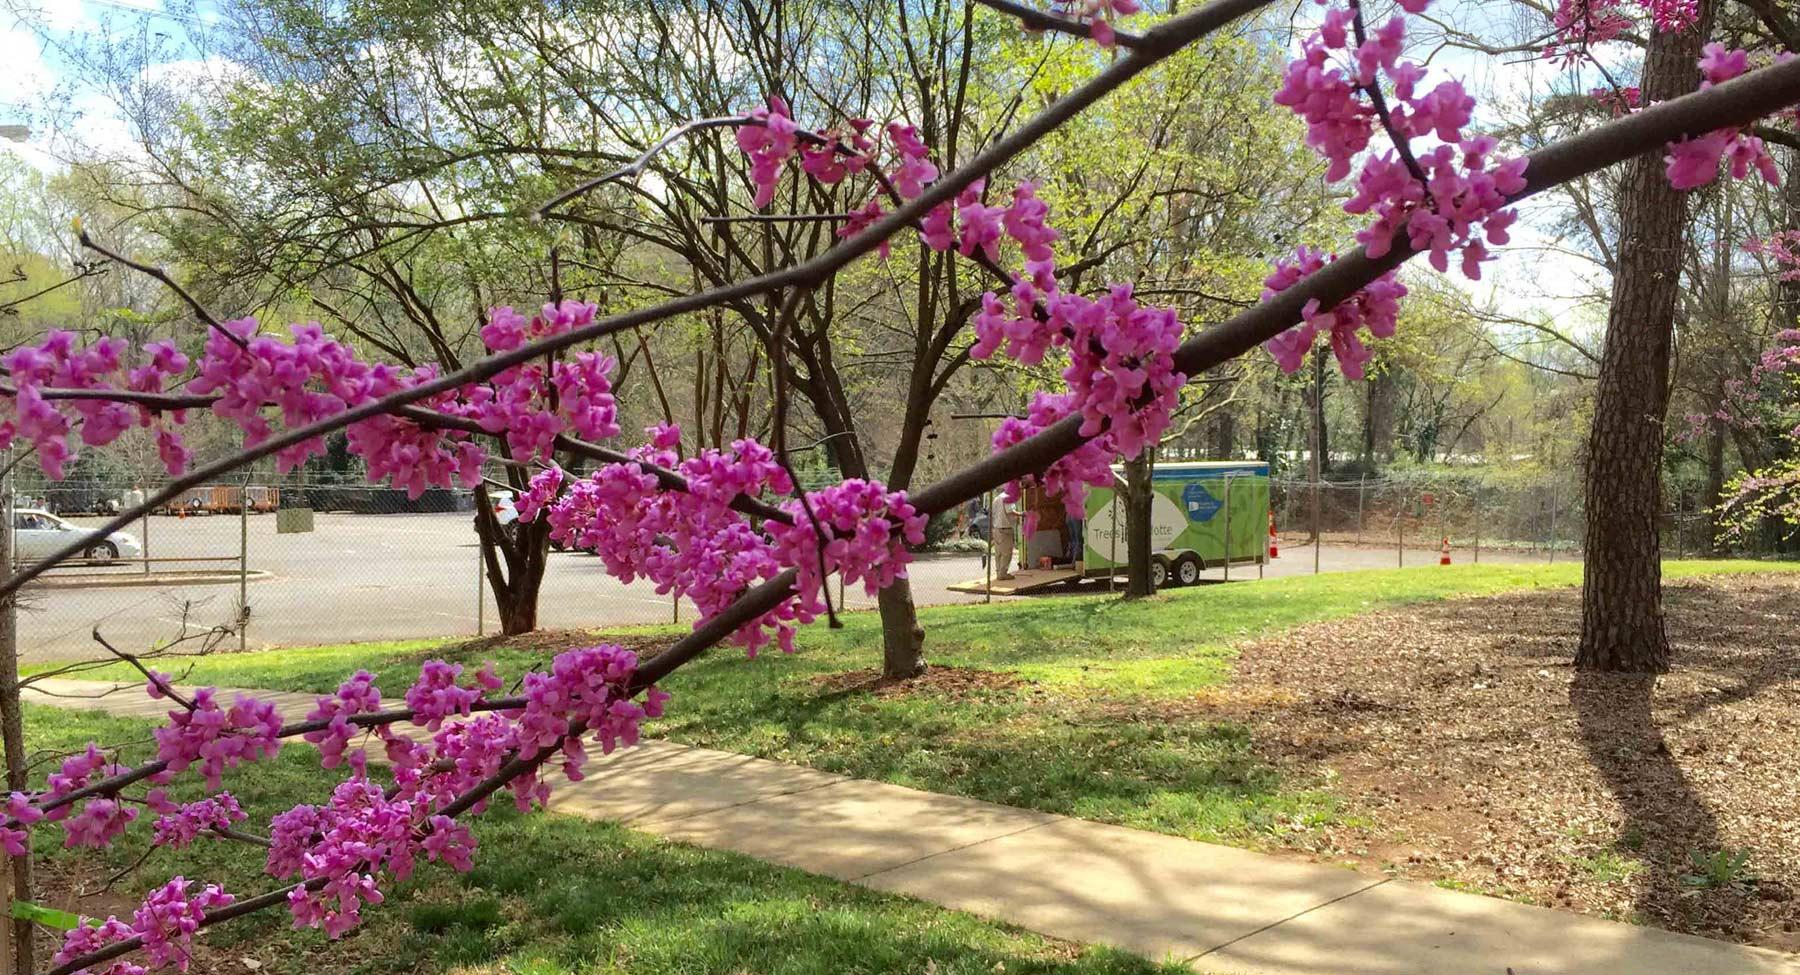 TreesCharlotte Arbor Week City-Wide Treestore